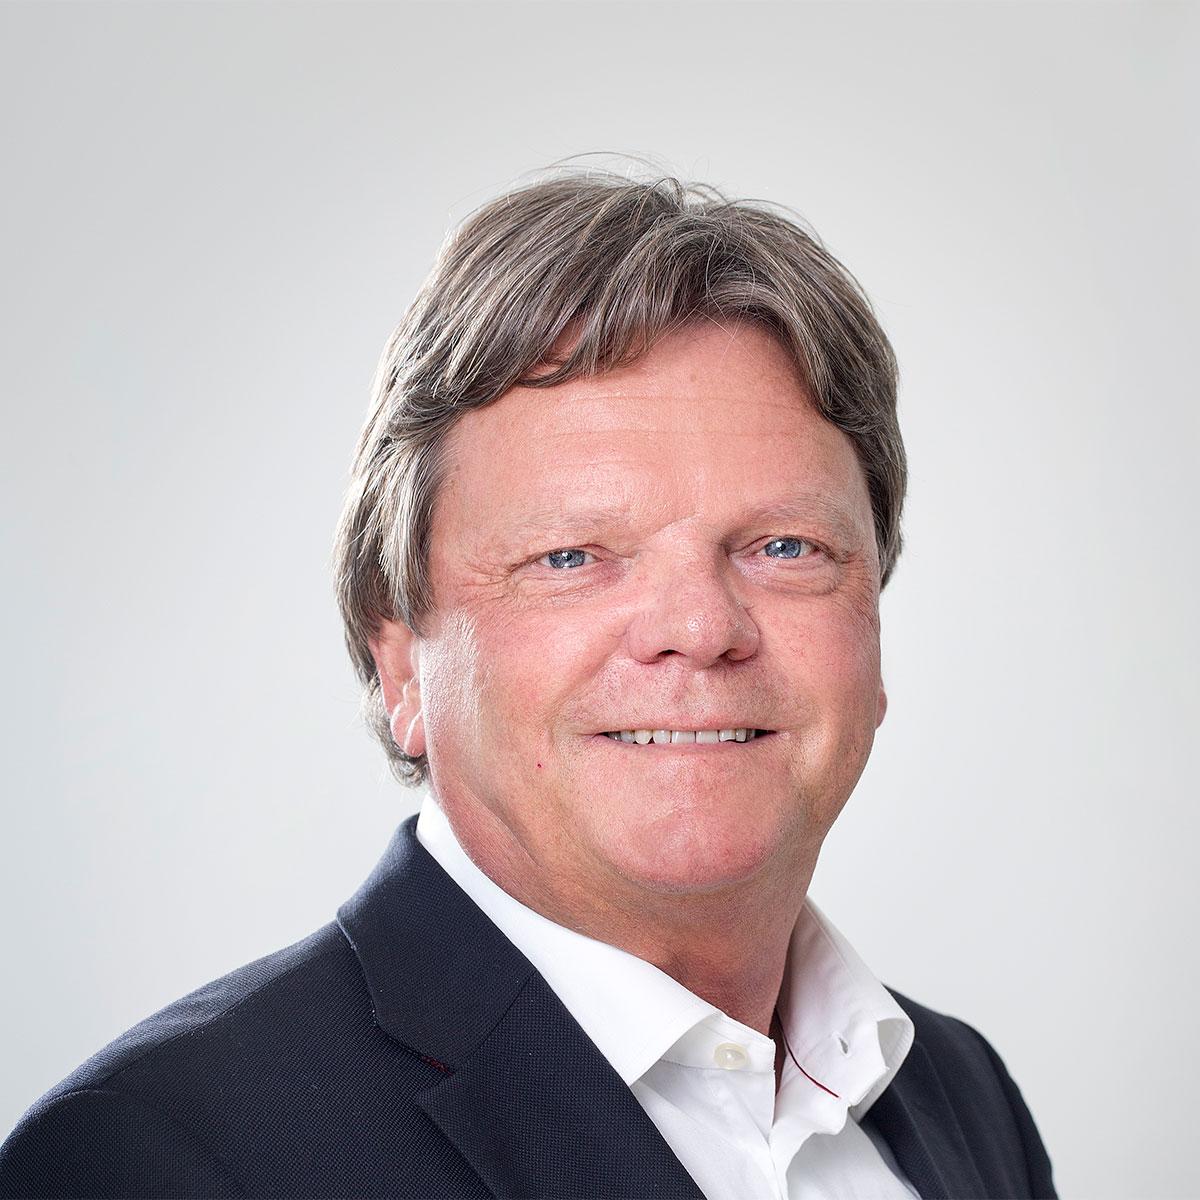 Harald Vaaland